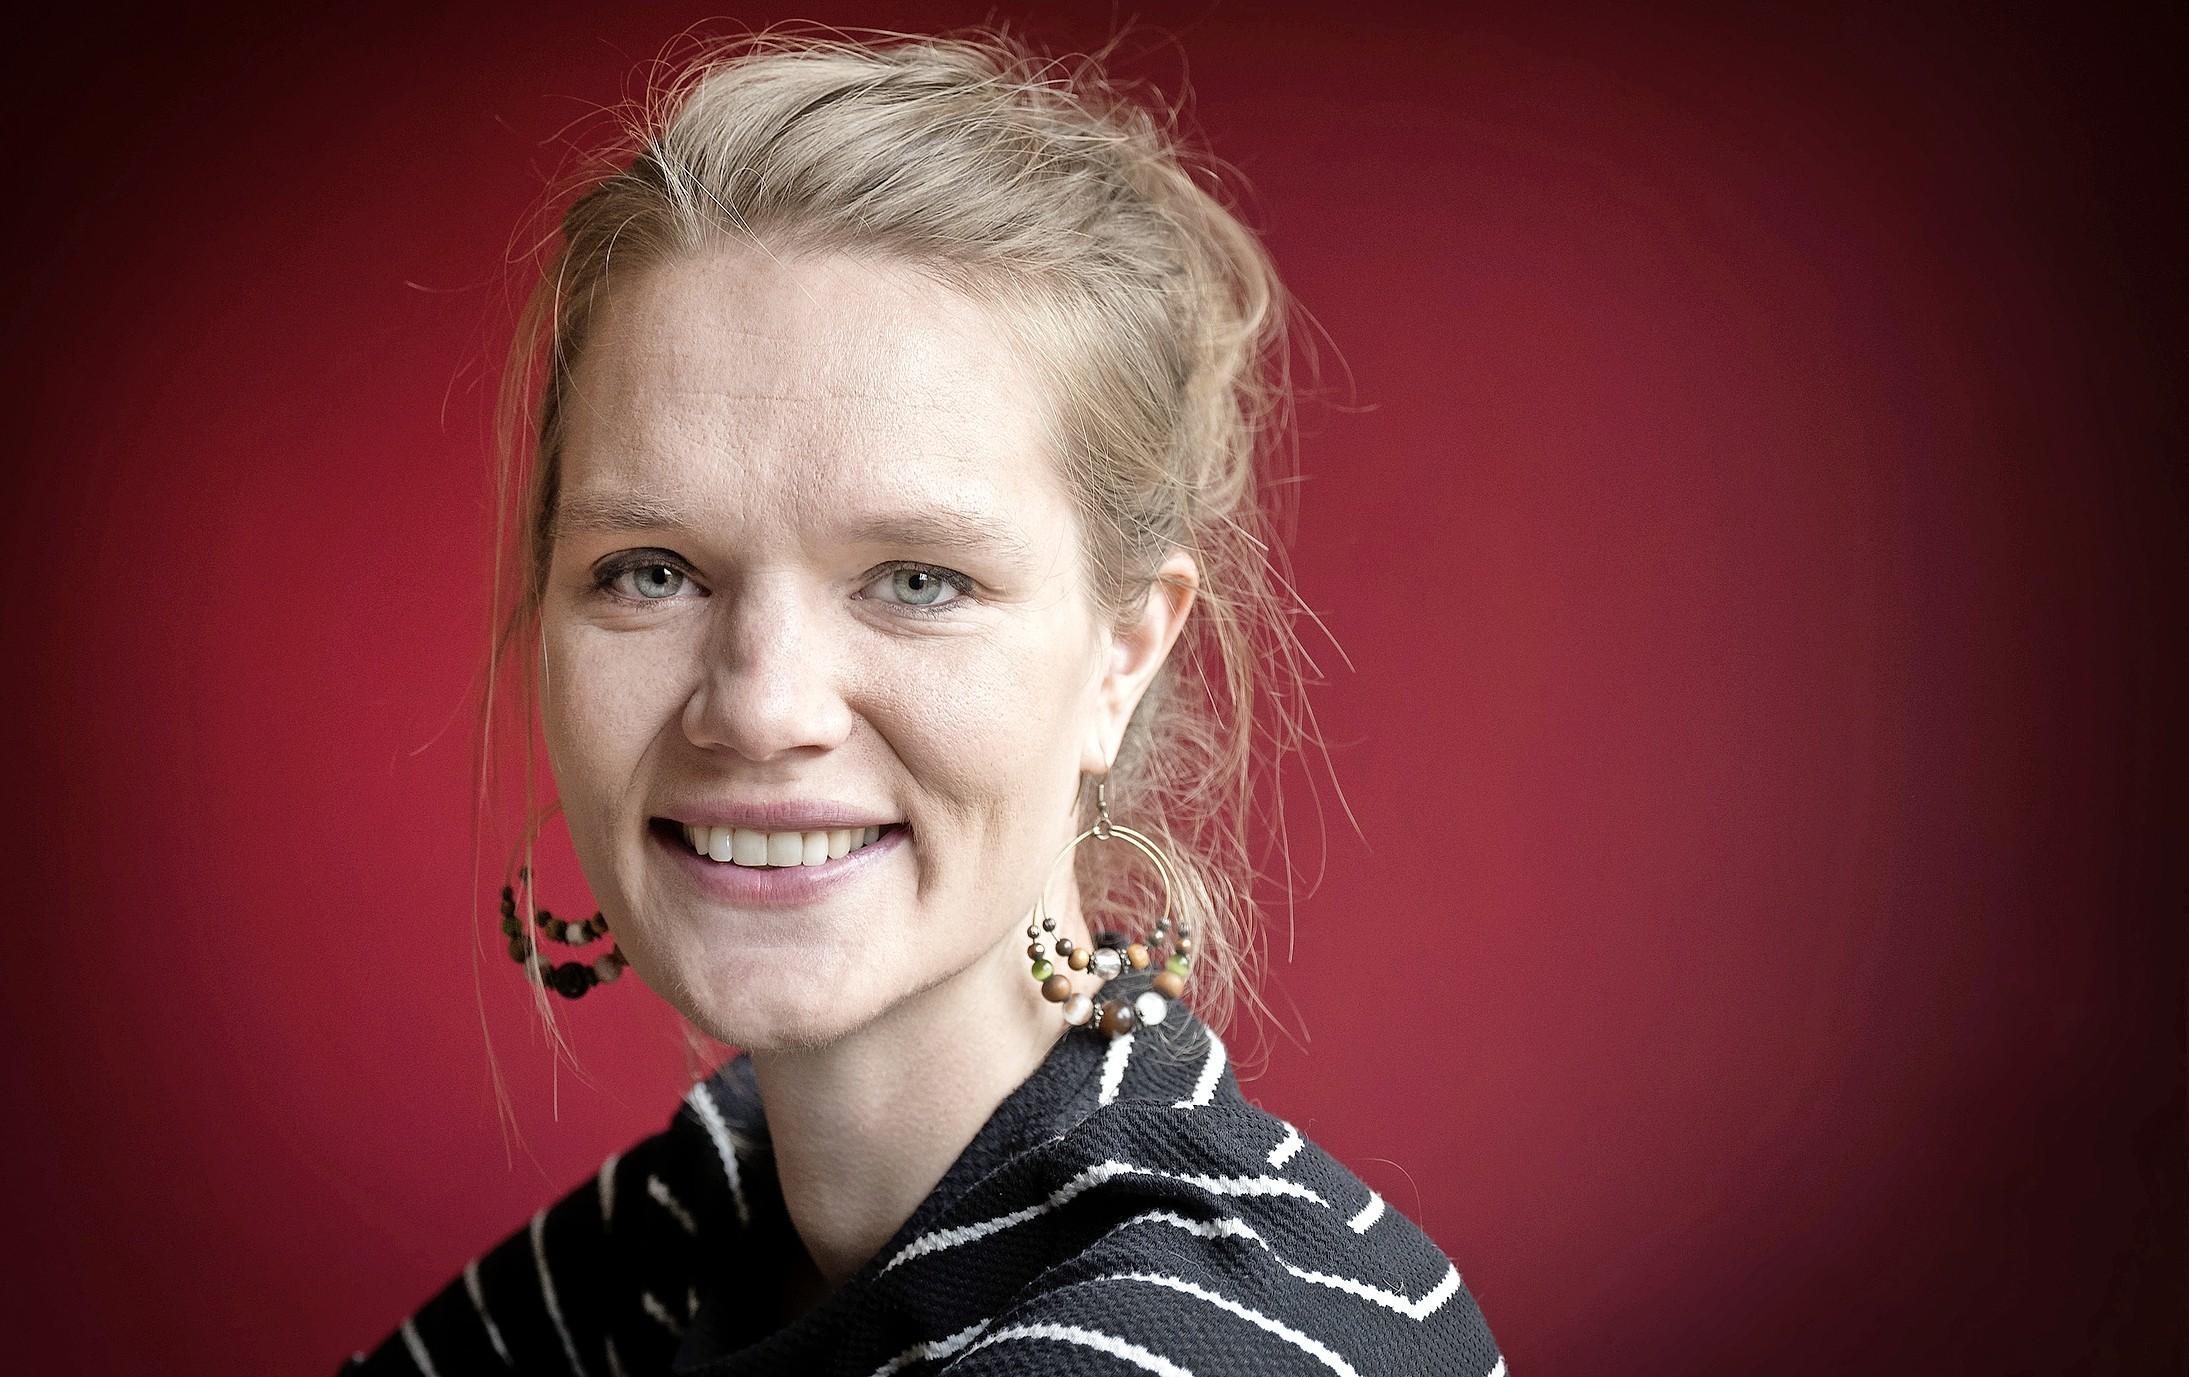 Cabaretière Anouk Kragtwijk: 'Ik heb altijd weer die dominee in me' [video]